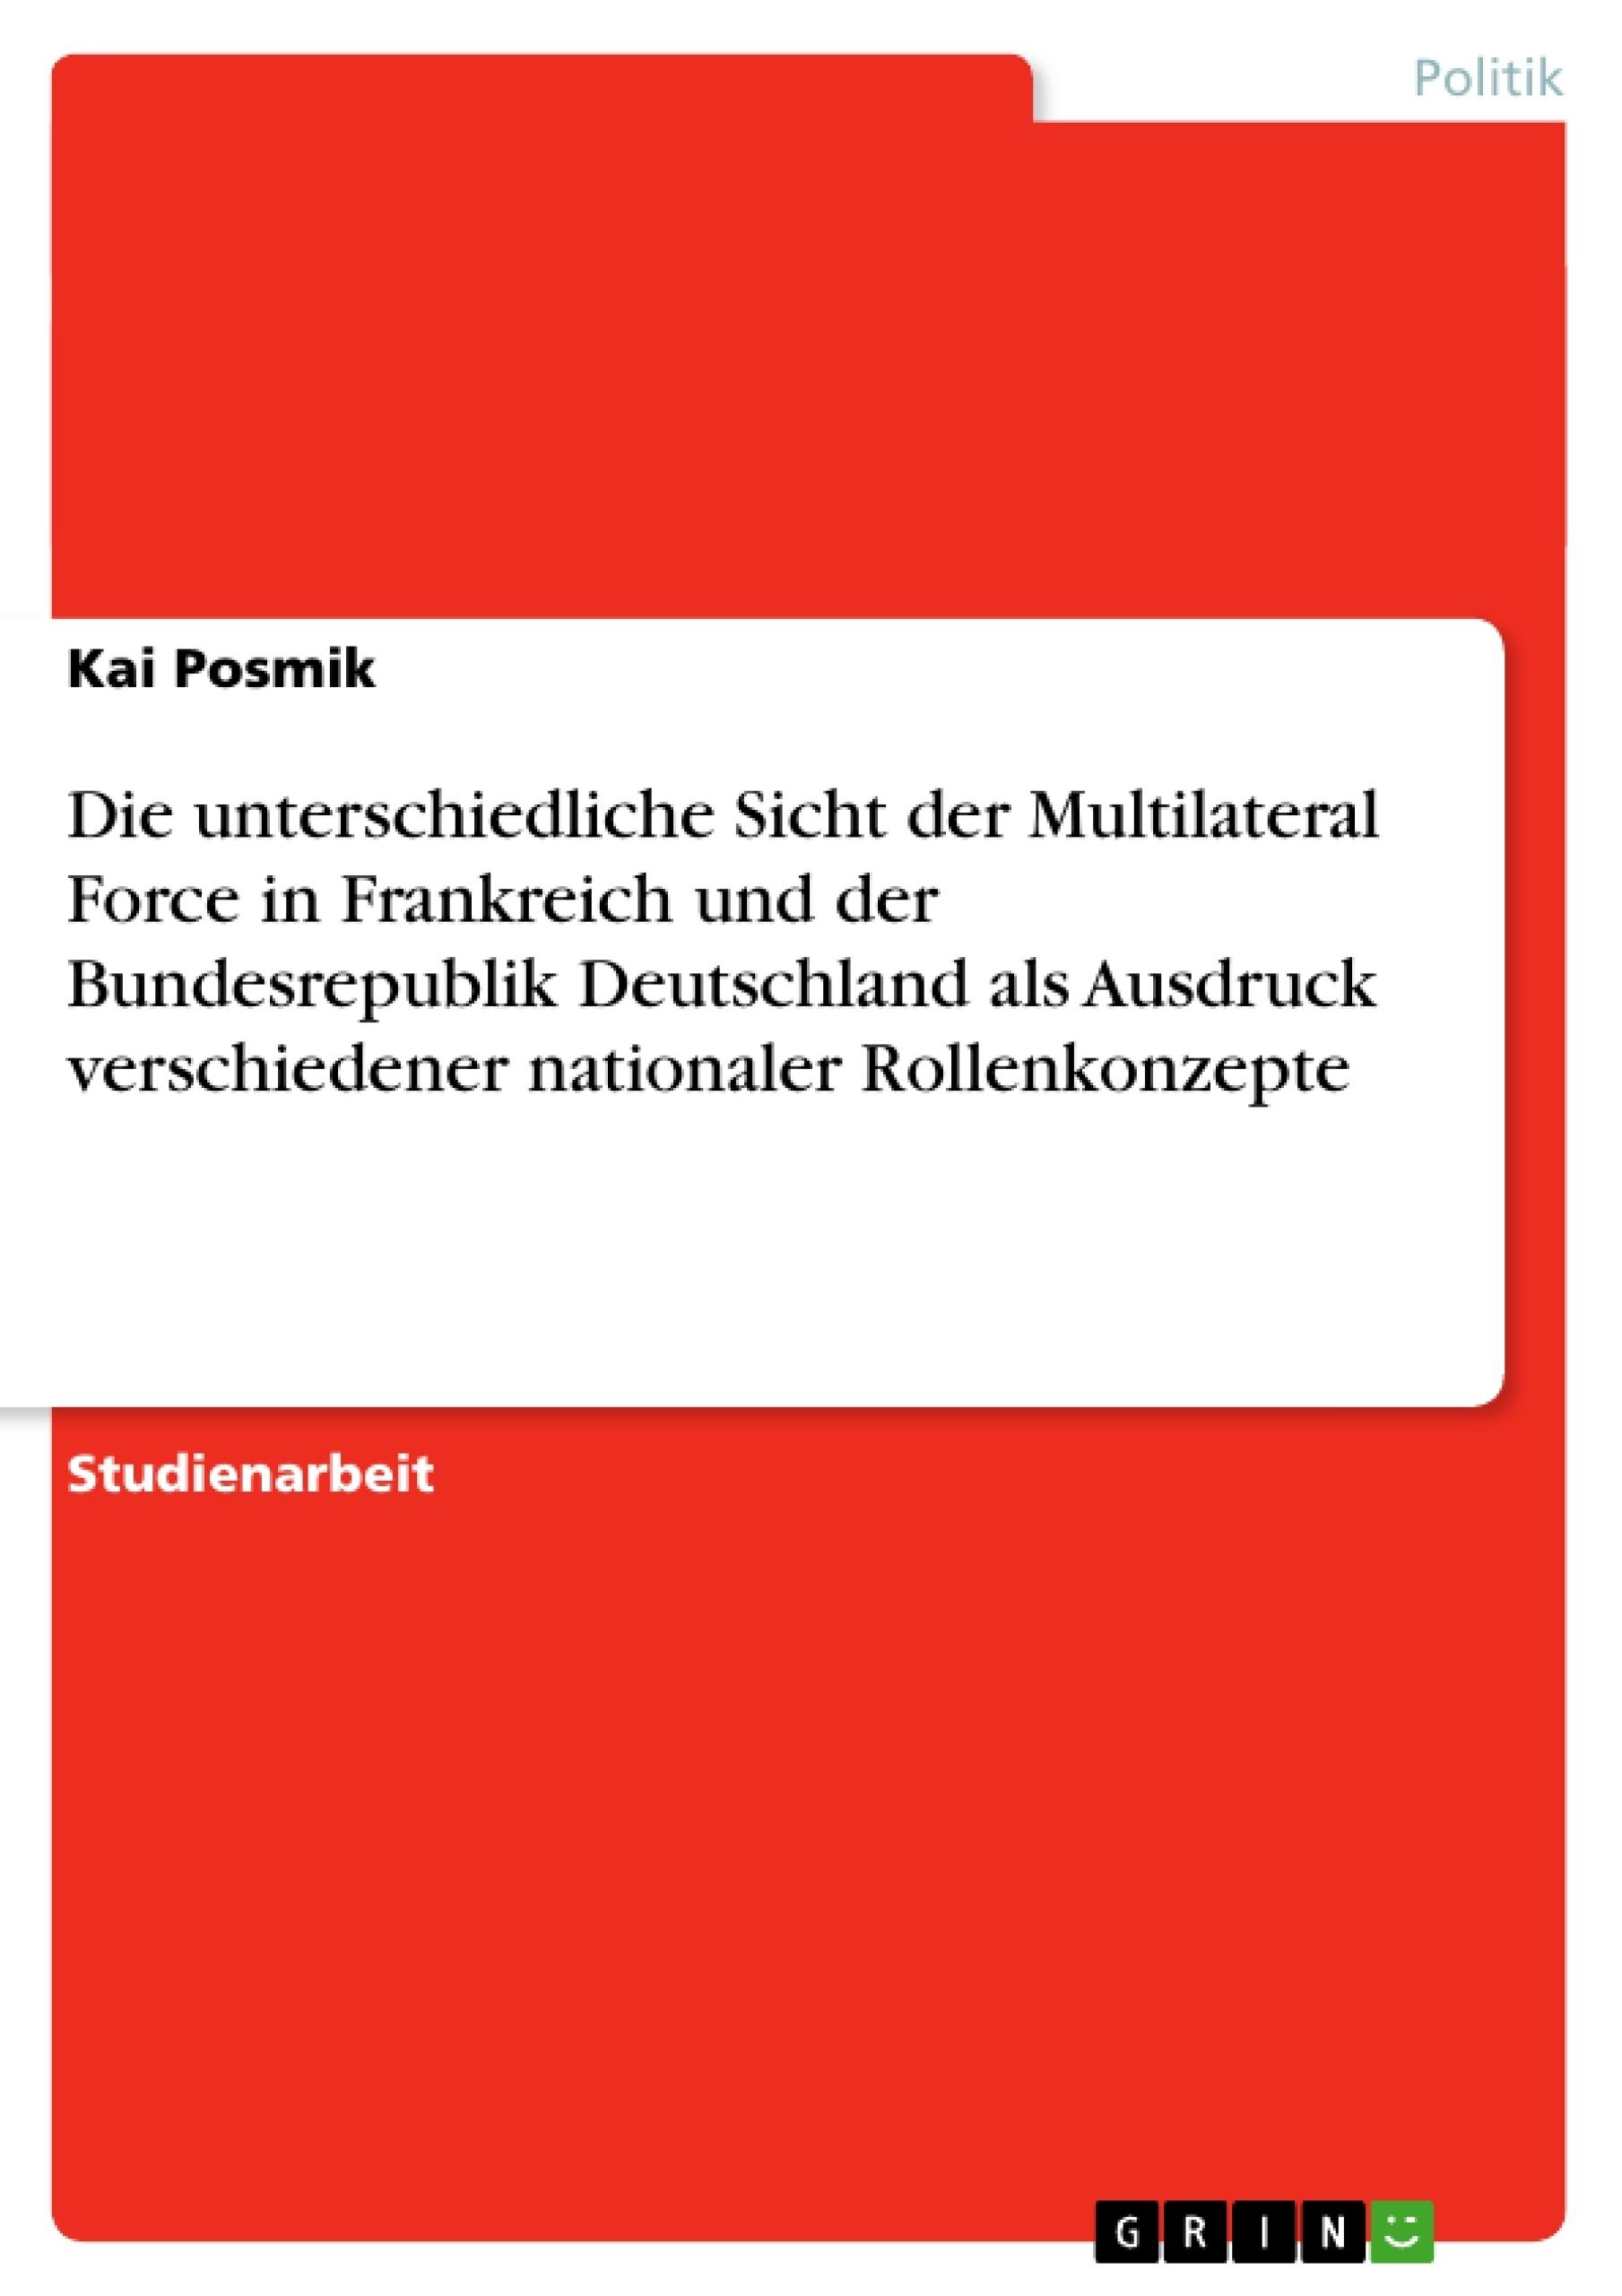 Titel: Die unterschiedliche Sicht der Multilateral Force in Frankreich und der Bundesrepublik Deutschland als Ausdruck verschiedener nationaler Rollenkonzepte